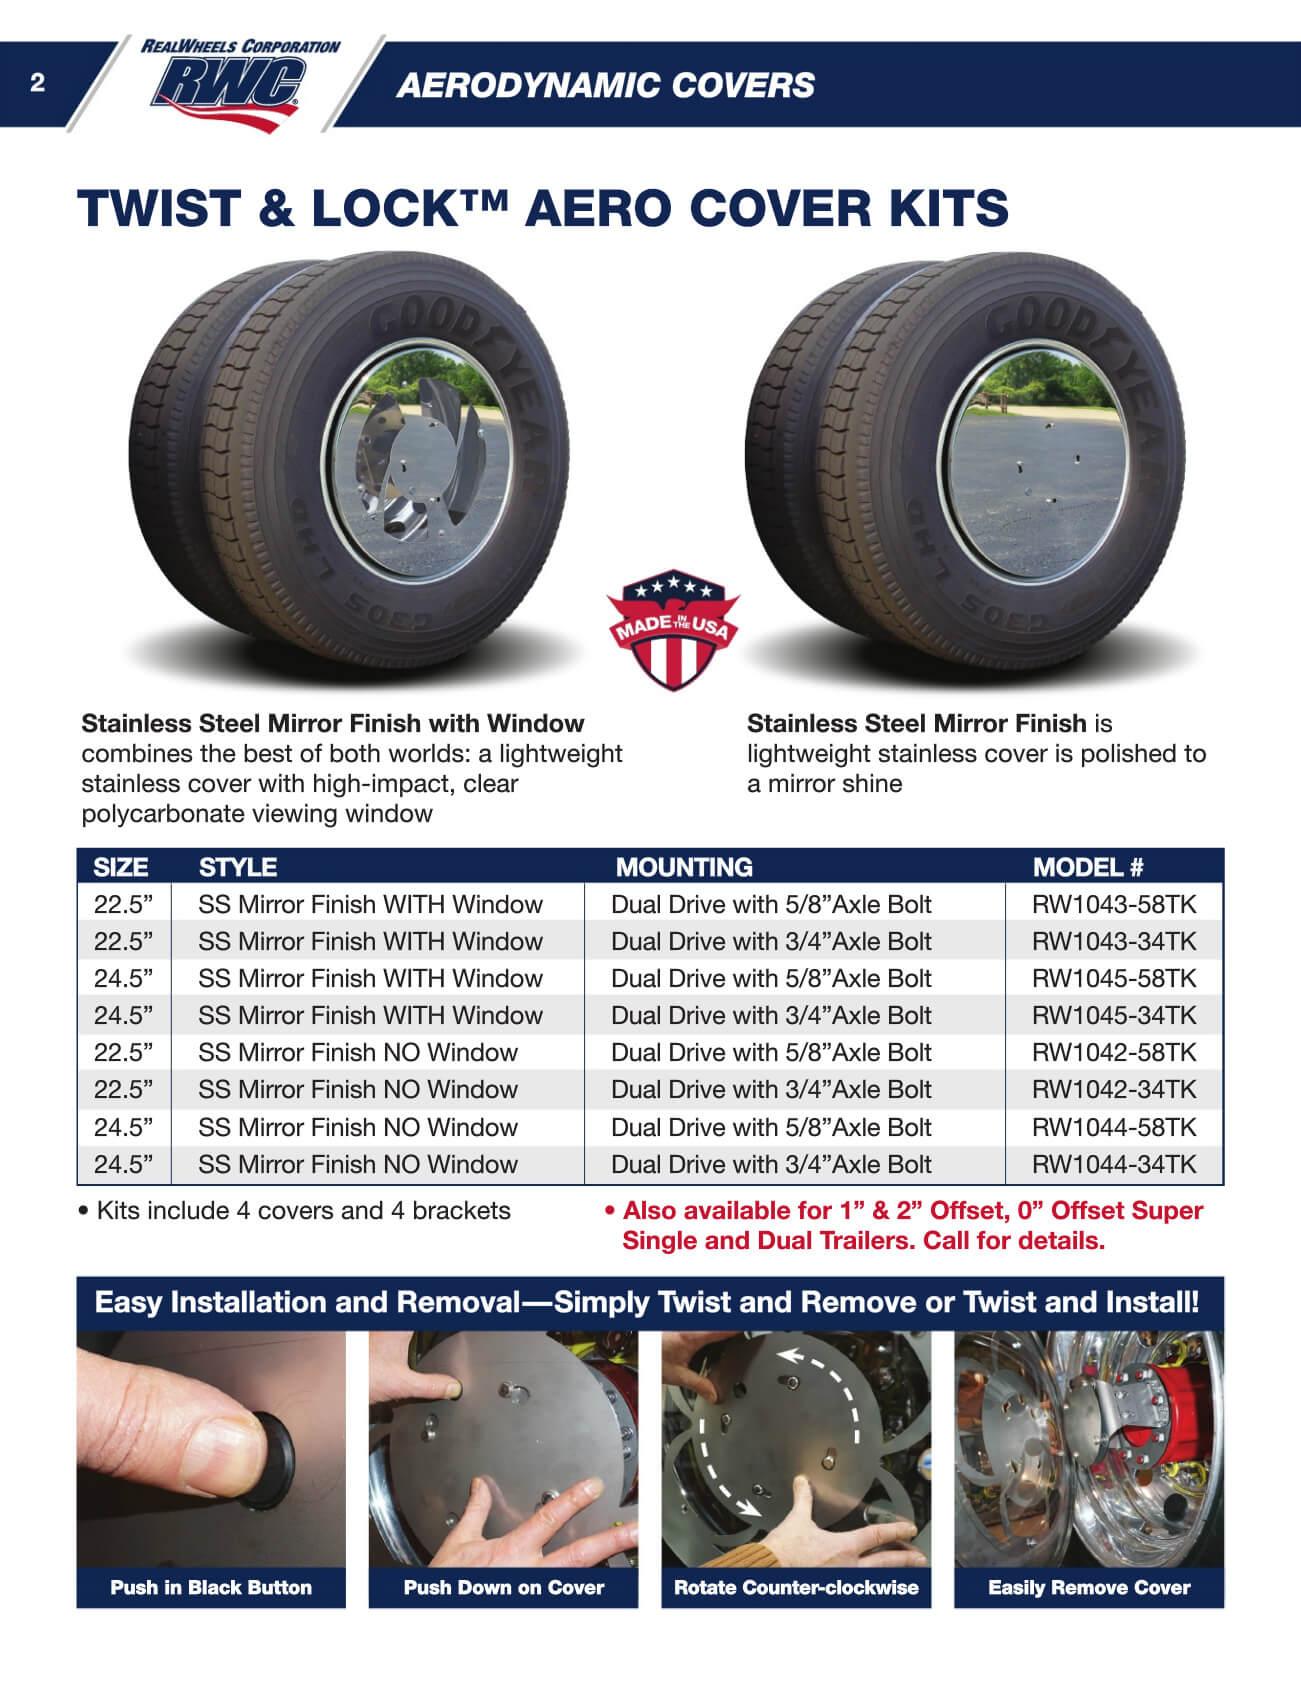 Wiseco 4903M10200 102.00mm 11:1 Compression ATV Piston Kit